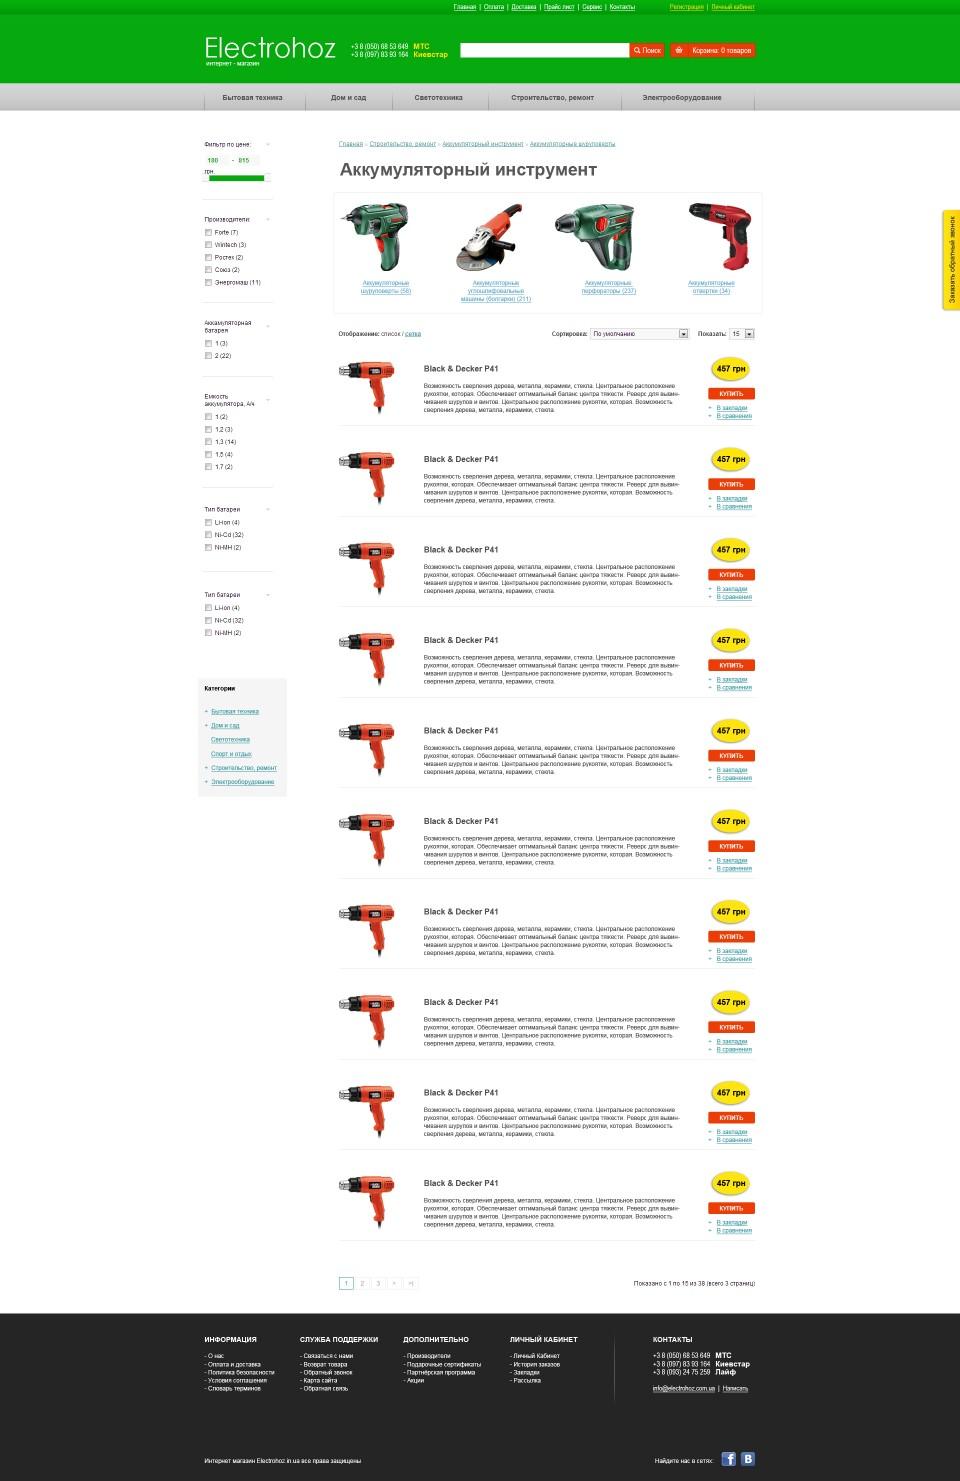 """Список товаров интернет-гипермаркета """"Electrohoz.com.ua"""""""